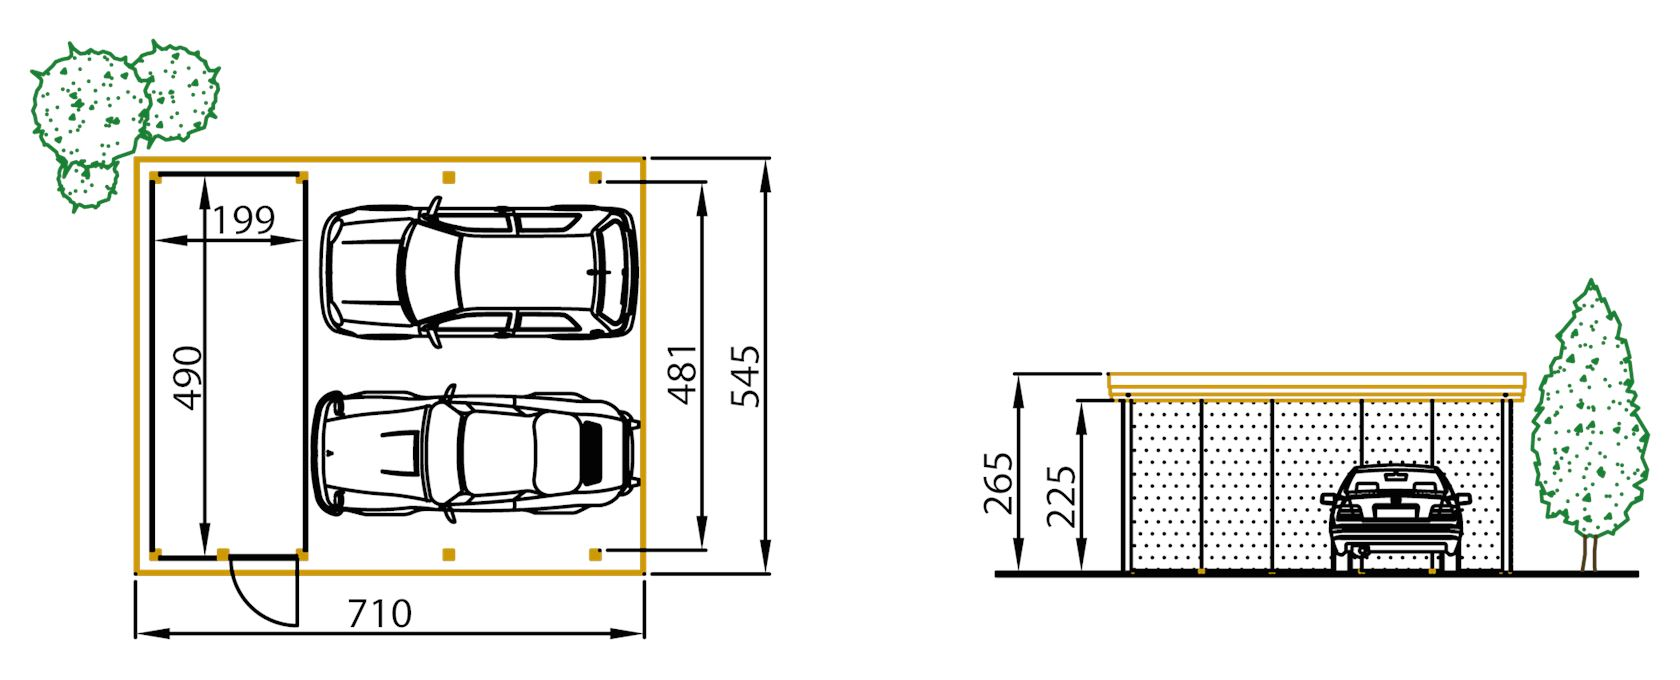 carport grenen c420 + berging